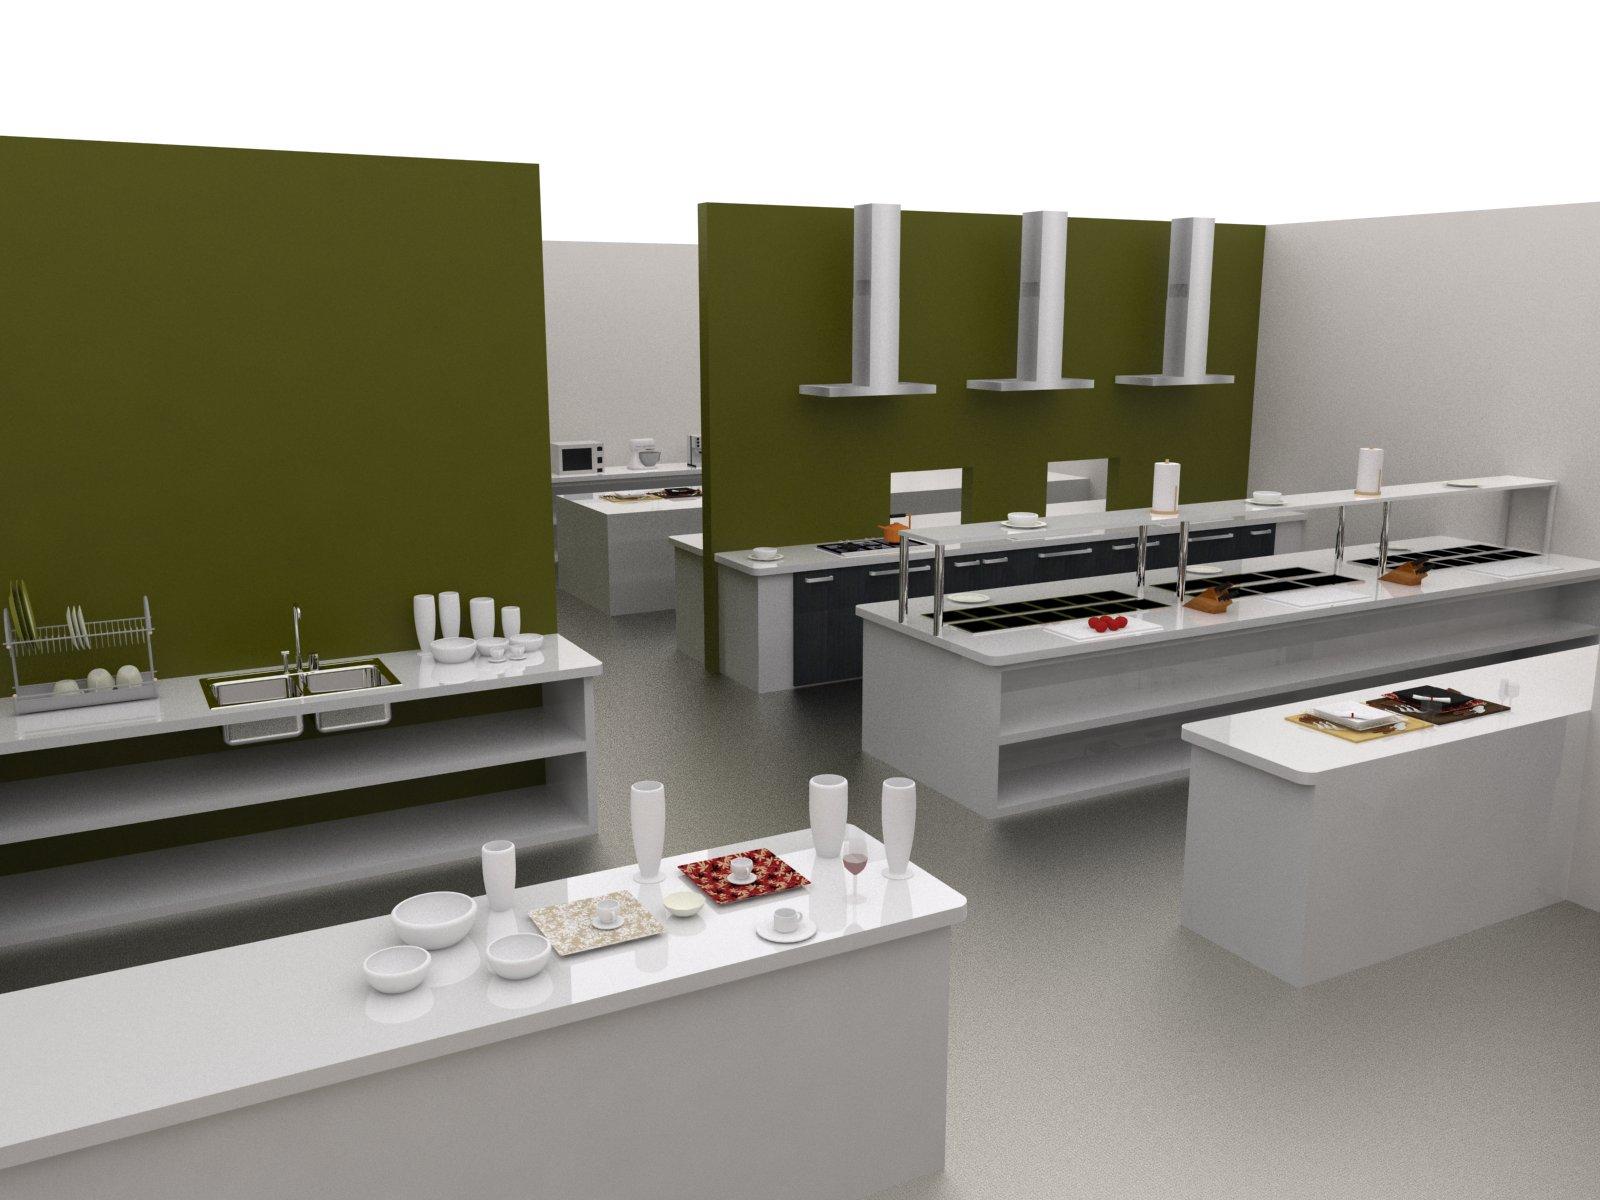 Arquitectura construcci n cocina restaurante hacienda la for Areas de un restaurante